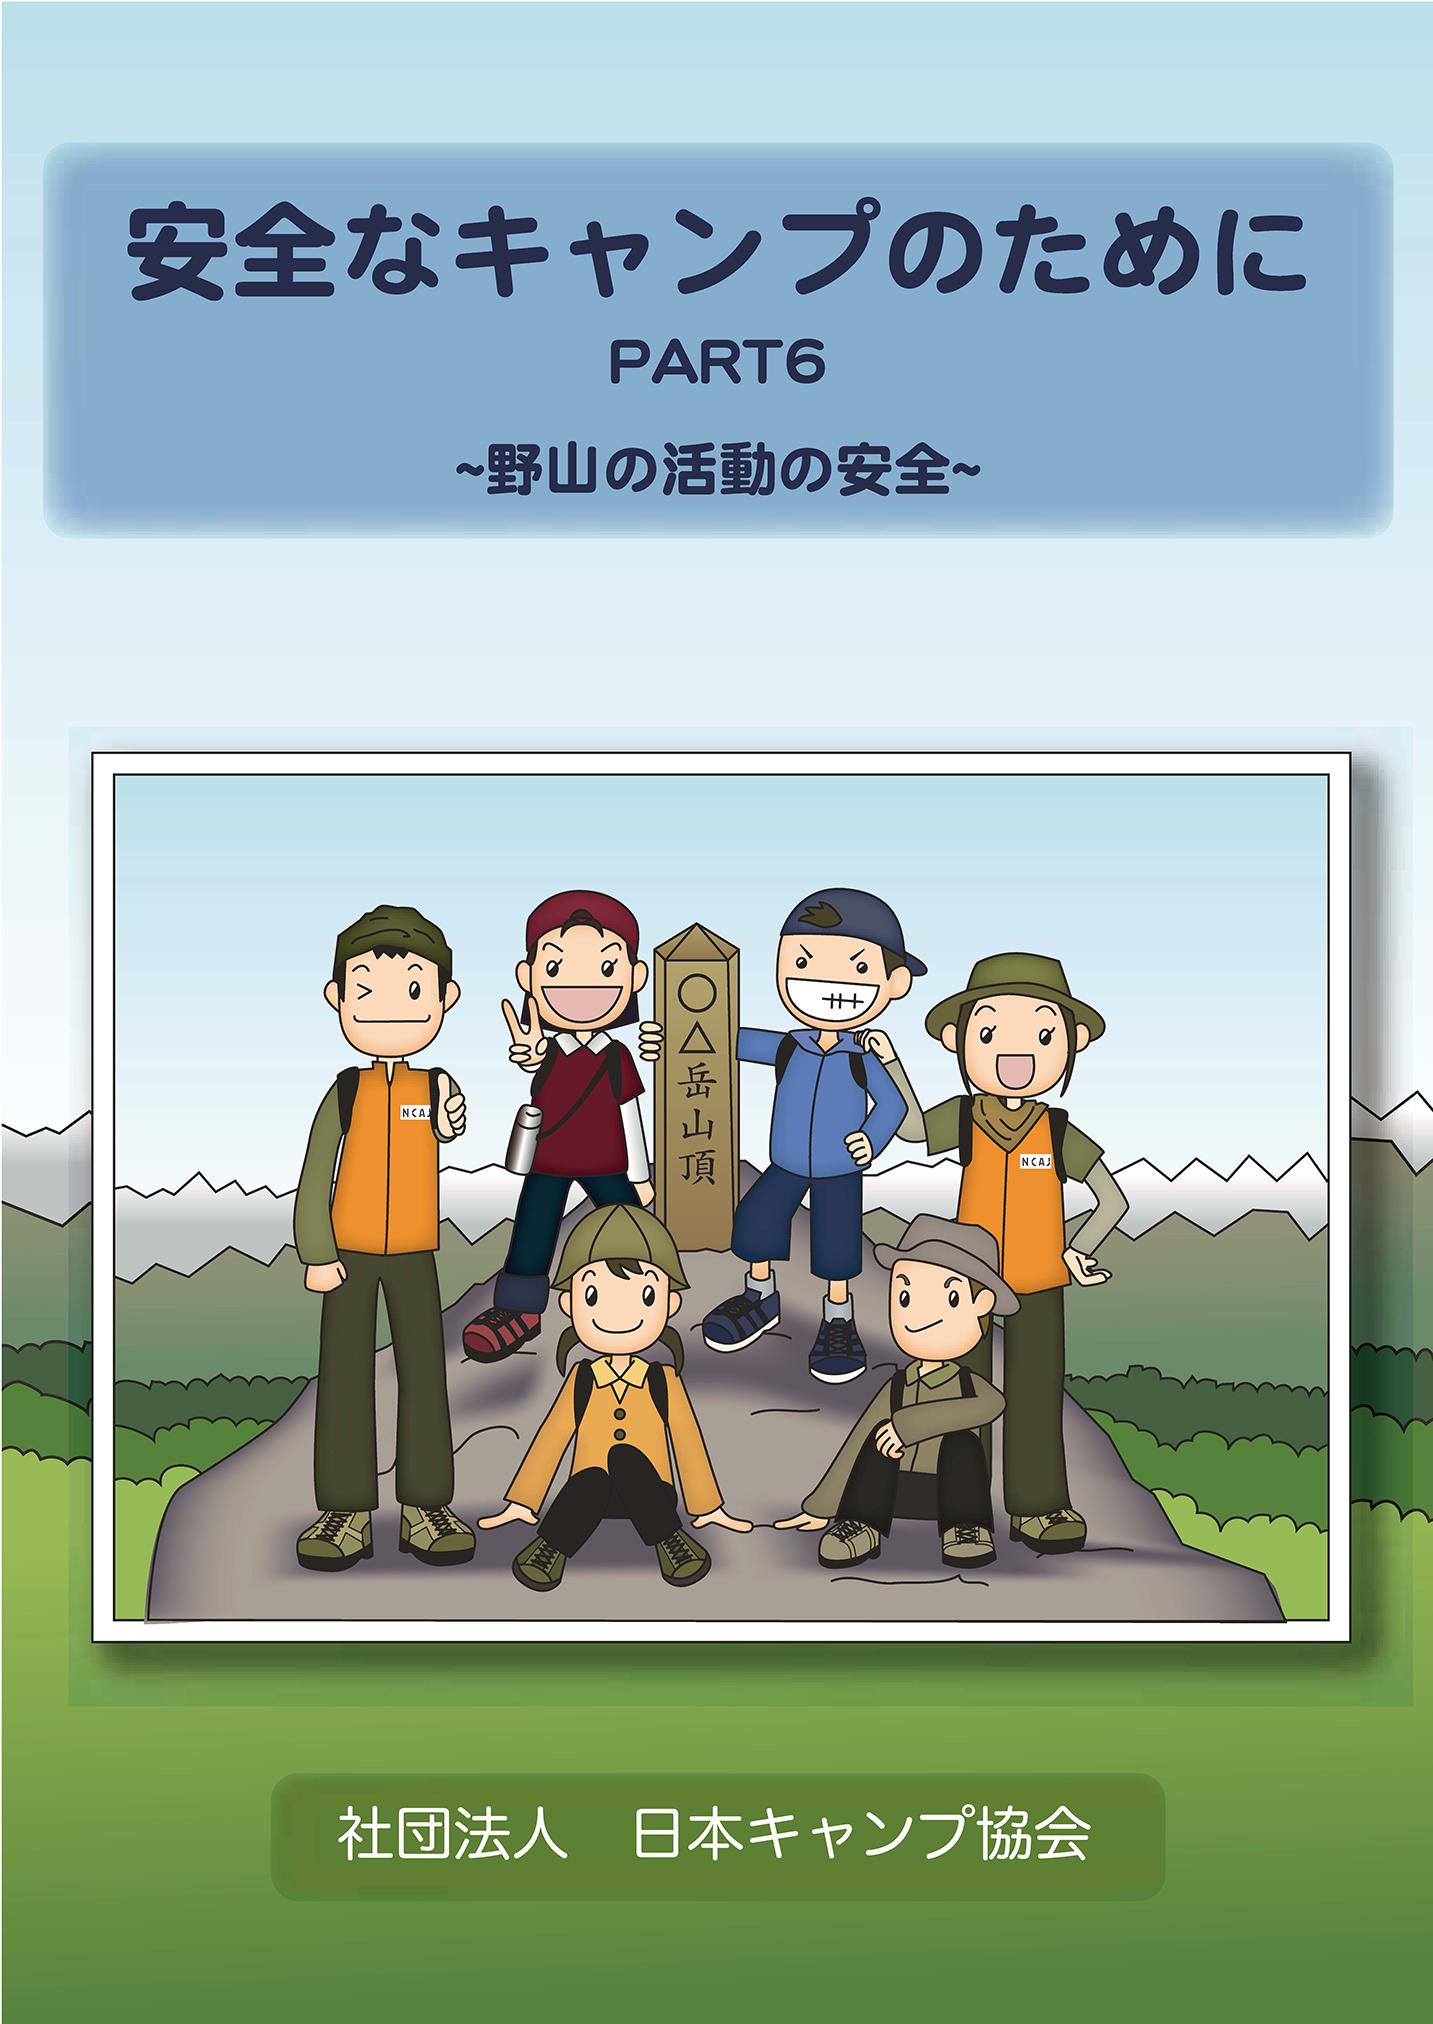 安全なキャンプのためにPart6・野山の活動の安全.jpg